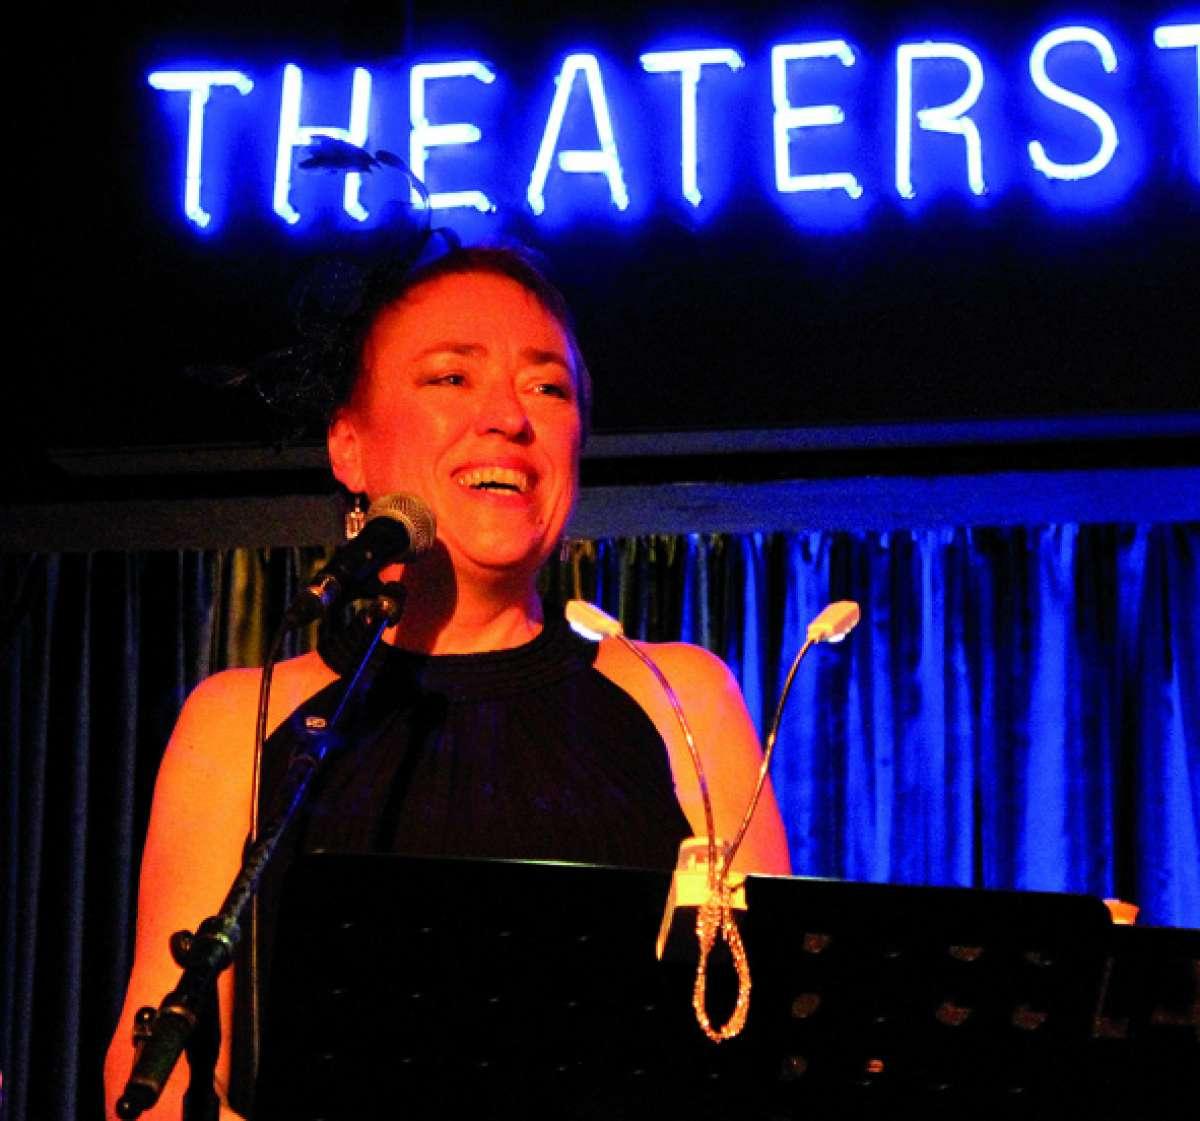 Ww-Terminator: My Favorite Things - Stephanie Willeke und Band - Theaterstübchen - Kassel